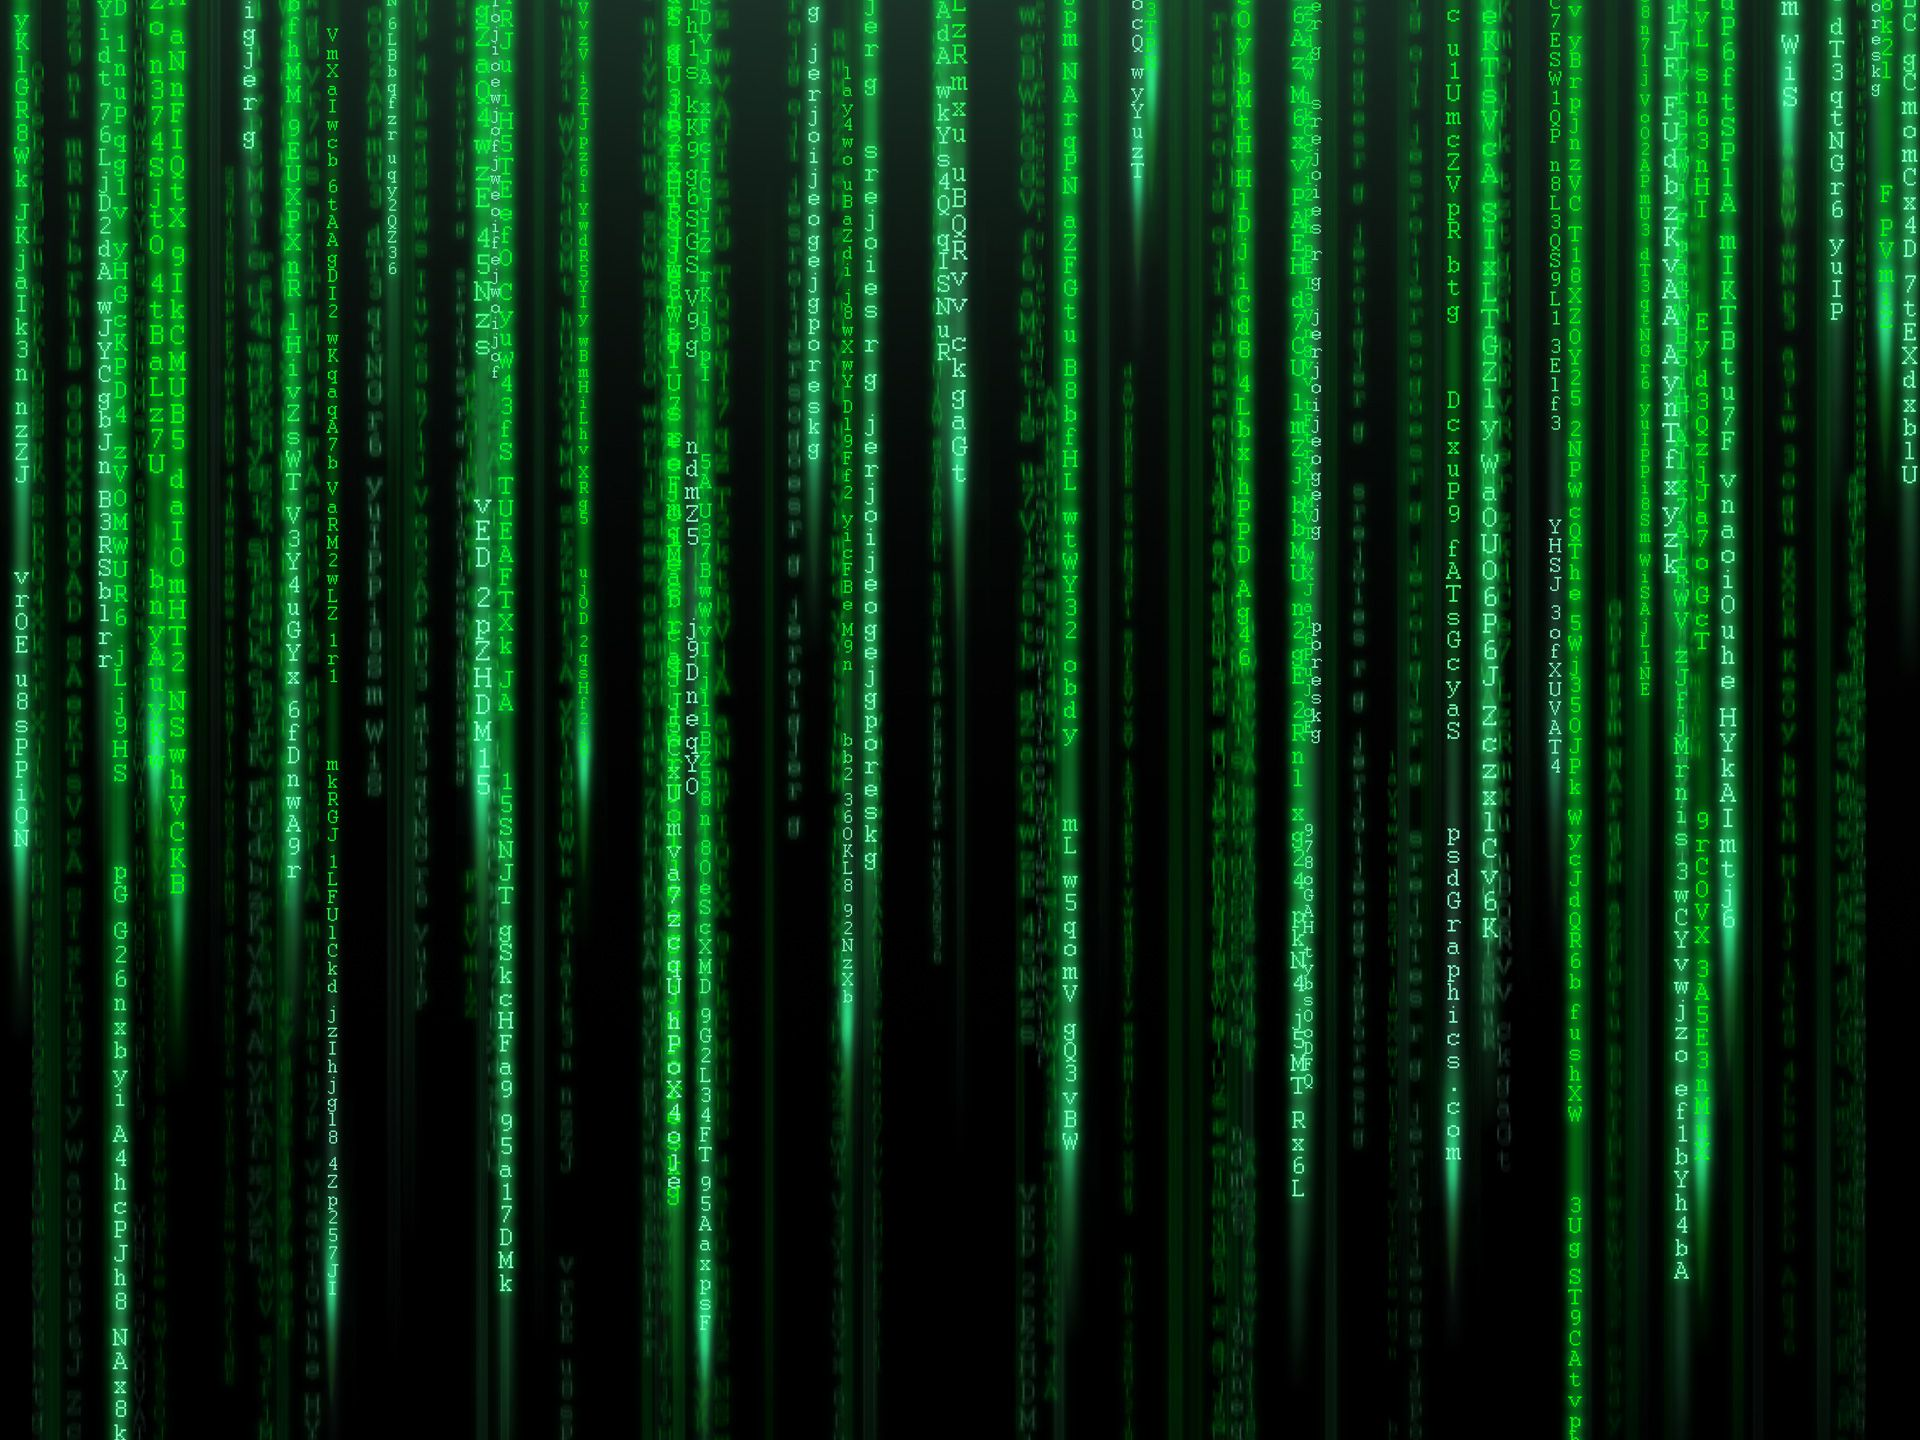 Matrix Wallpaper Code Wallpaper Matrix Binary Code